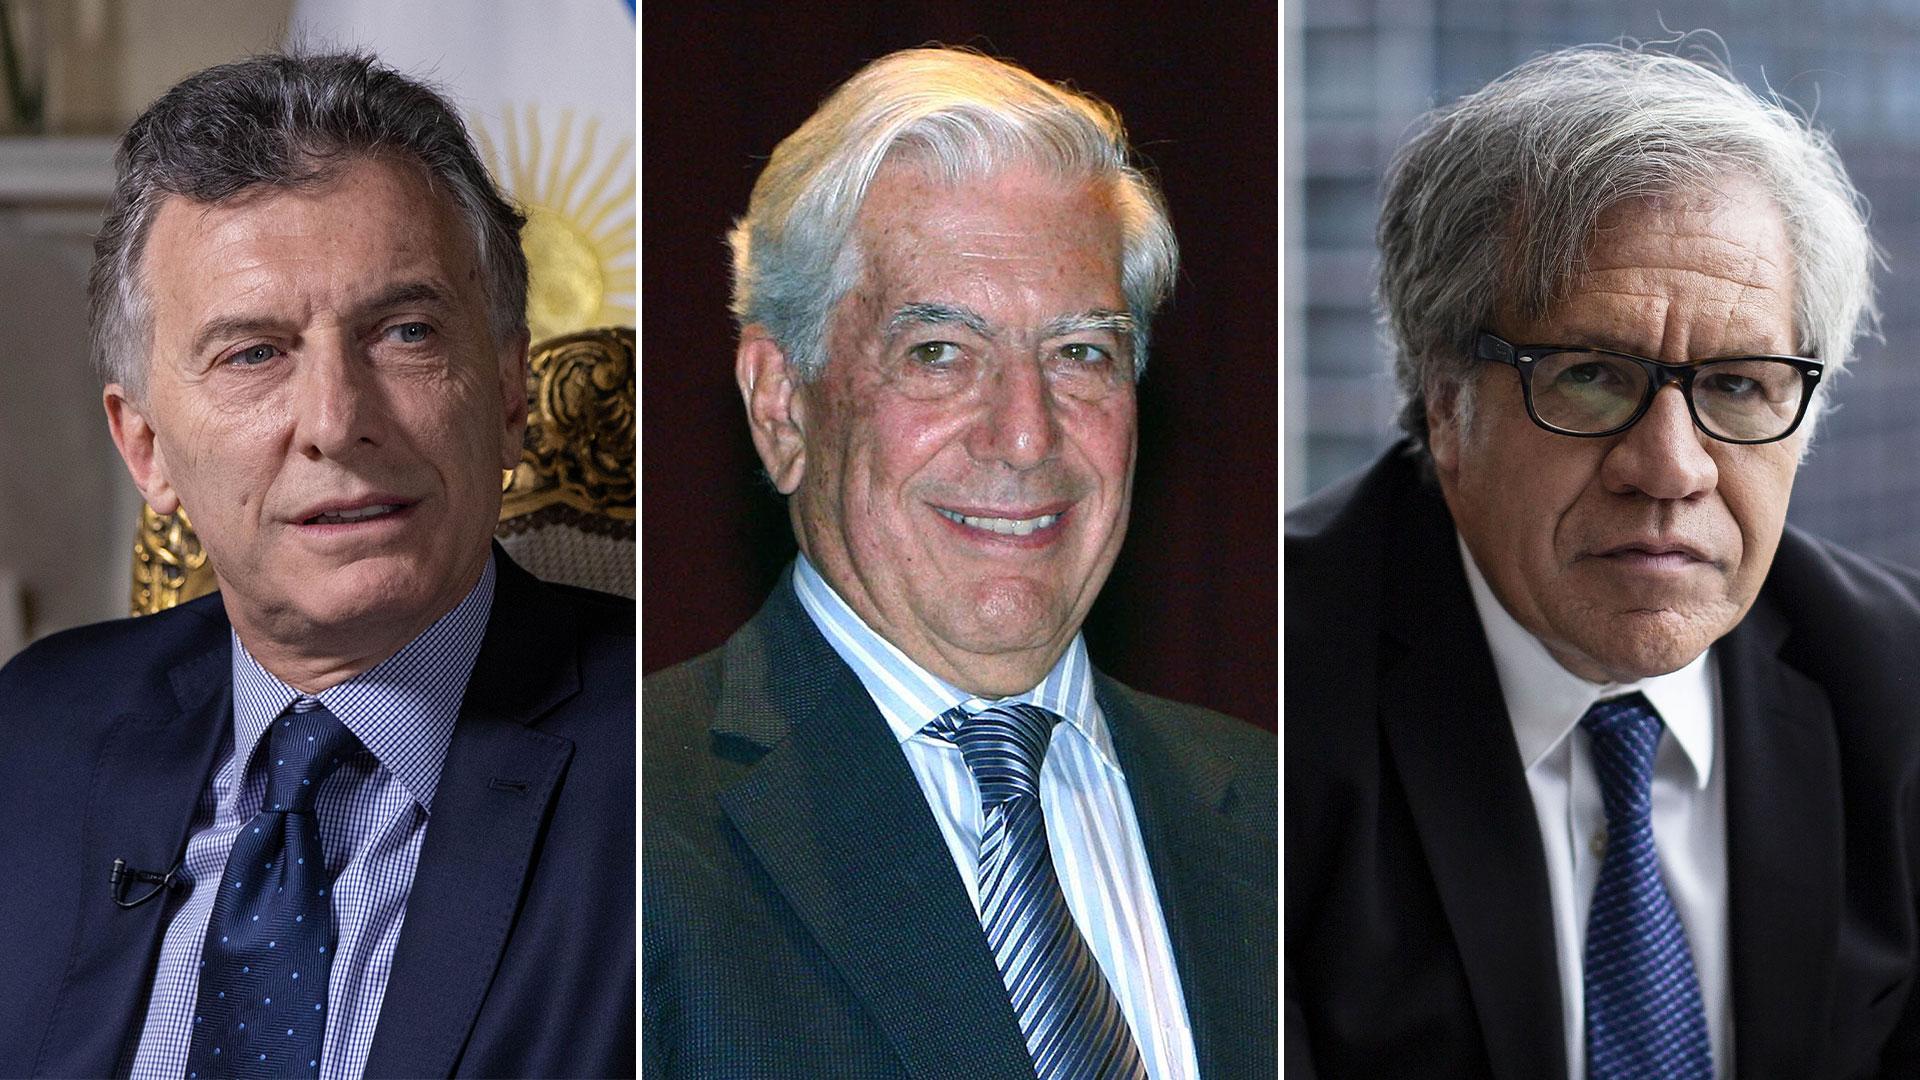 El Nobel compartirá mañana el estrado junto al presidente Macri y Luis Almagro (Fotos: Bloomberg y AFP)